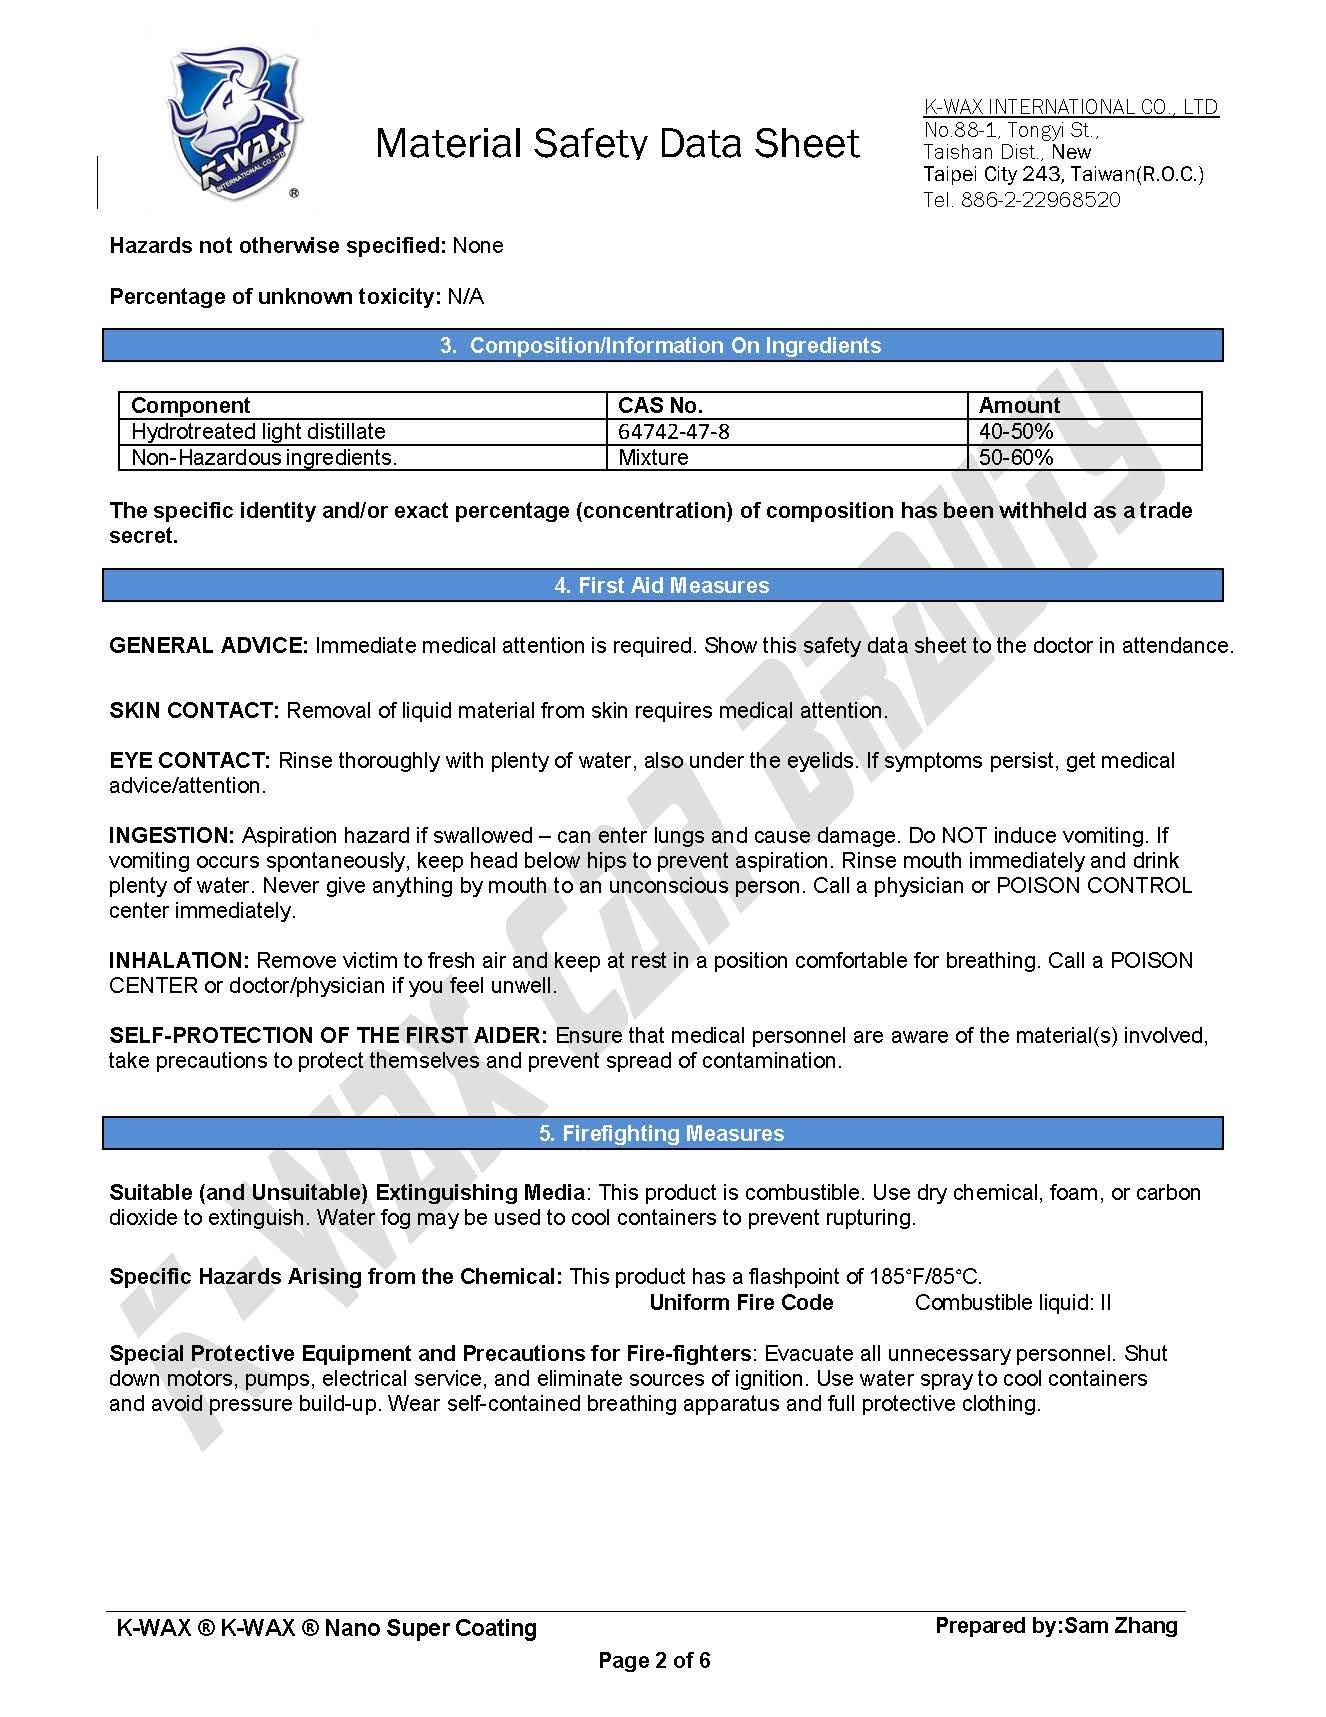 漆面結晶鍍膜 MSDS_页面_2.jpg